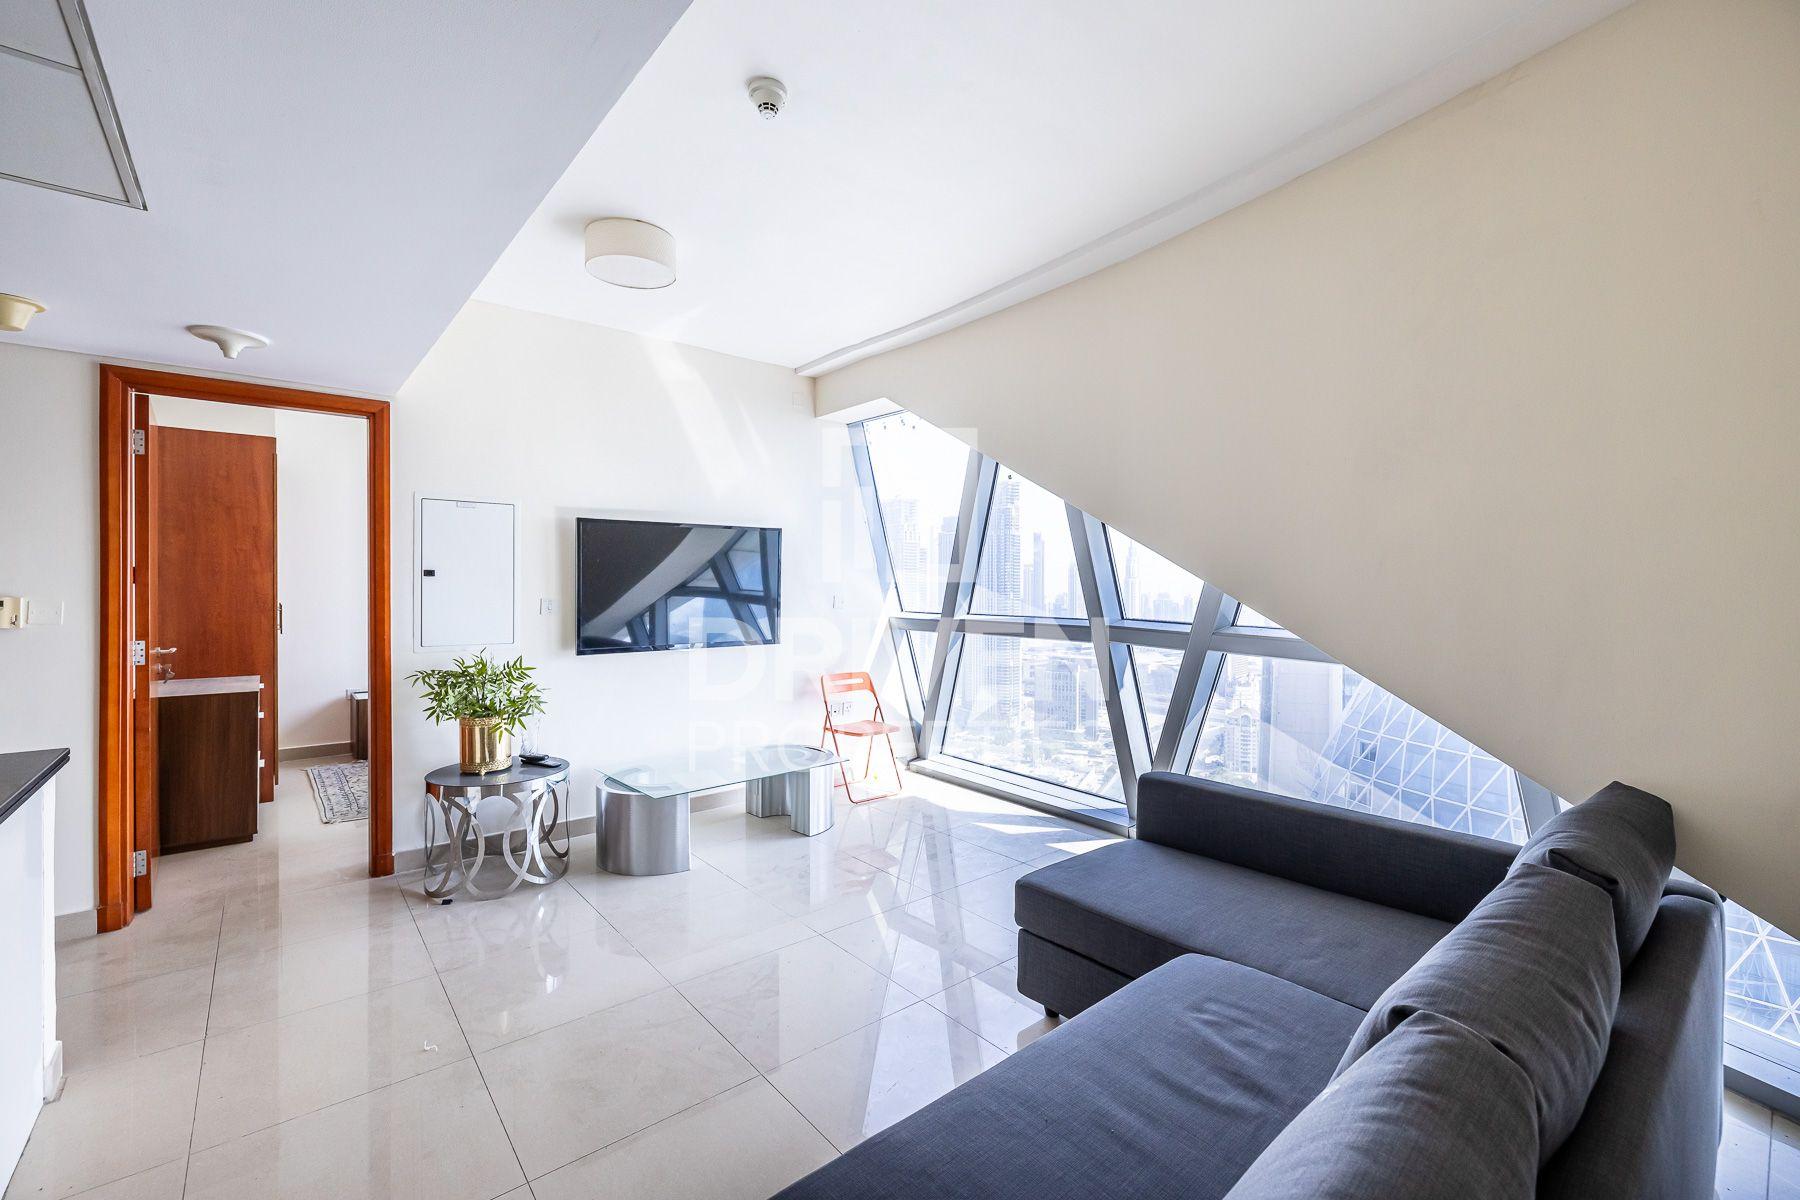 821 قدم مربع  شقة - للايجار - مركز دبي المالي العالمي